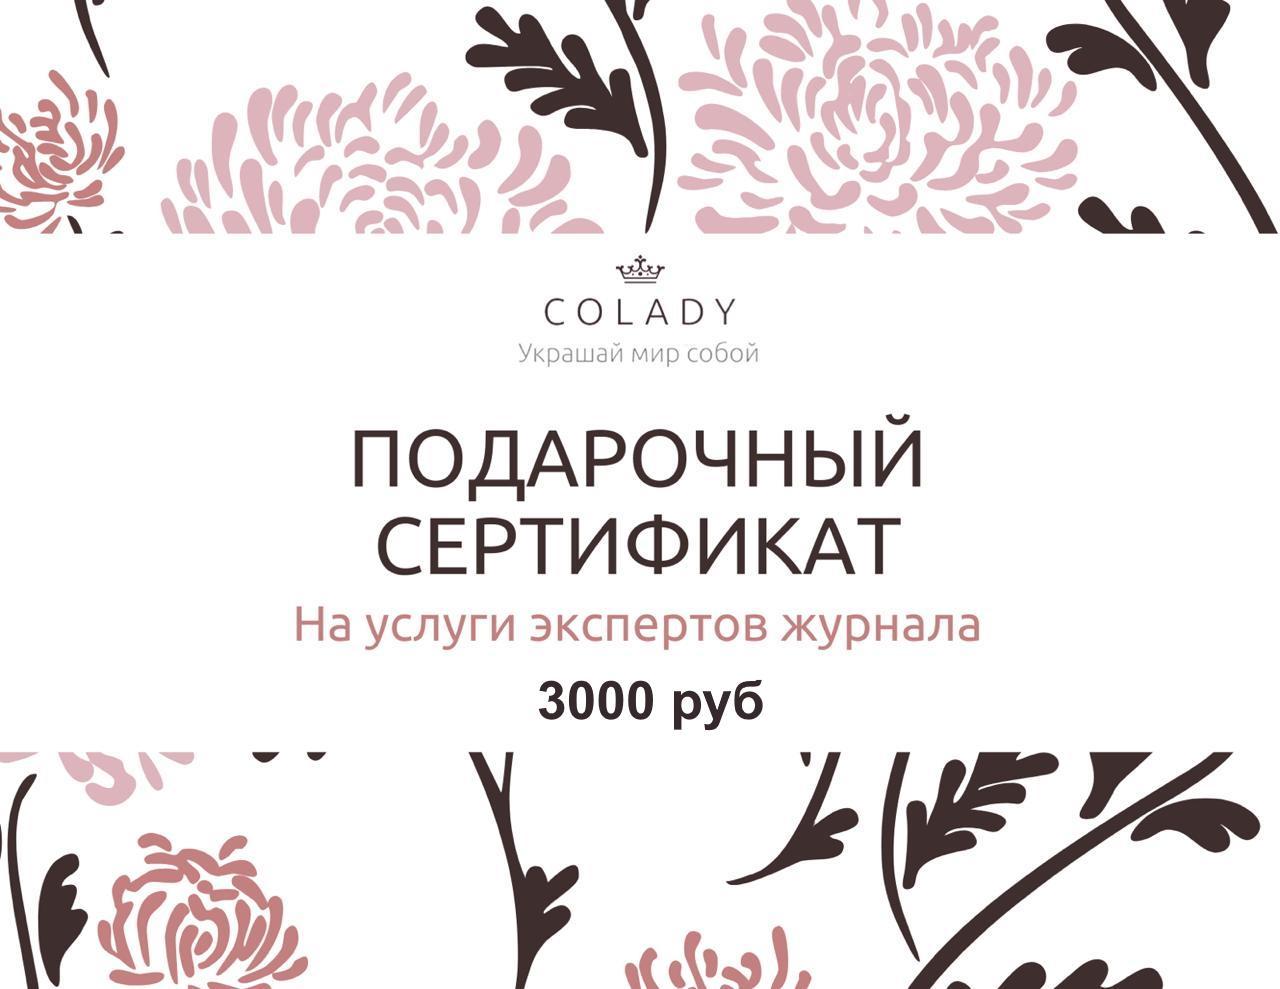 Подарочный сертификат Colady